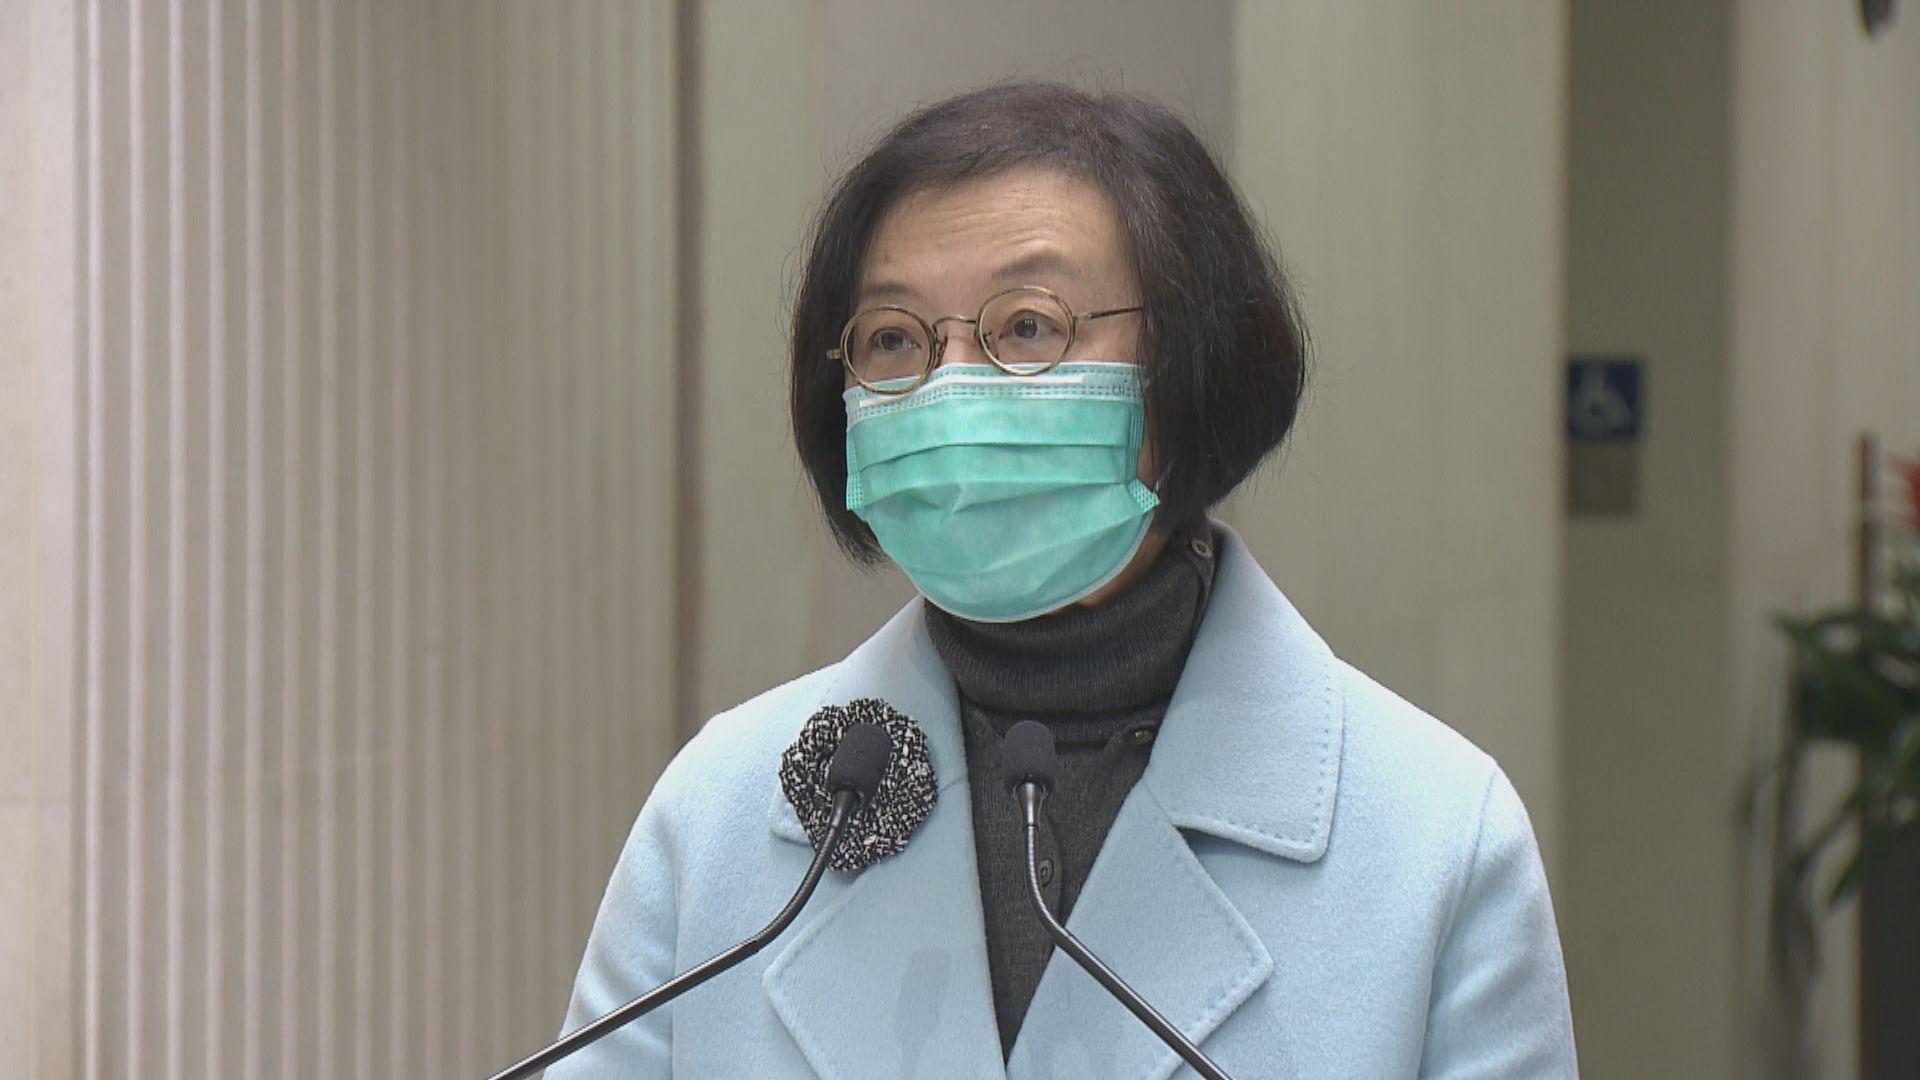 【最新】長康邨康美樓07室單位另有四人有感染徵狀已送院檢測